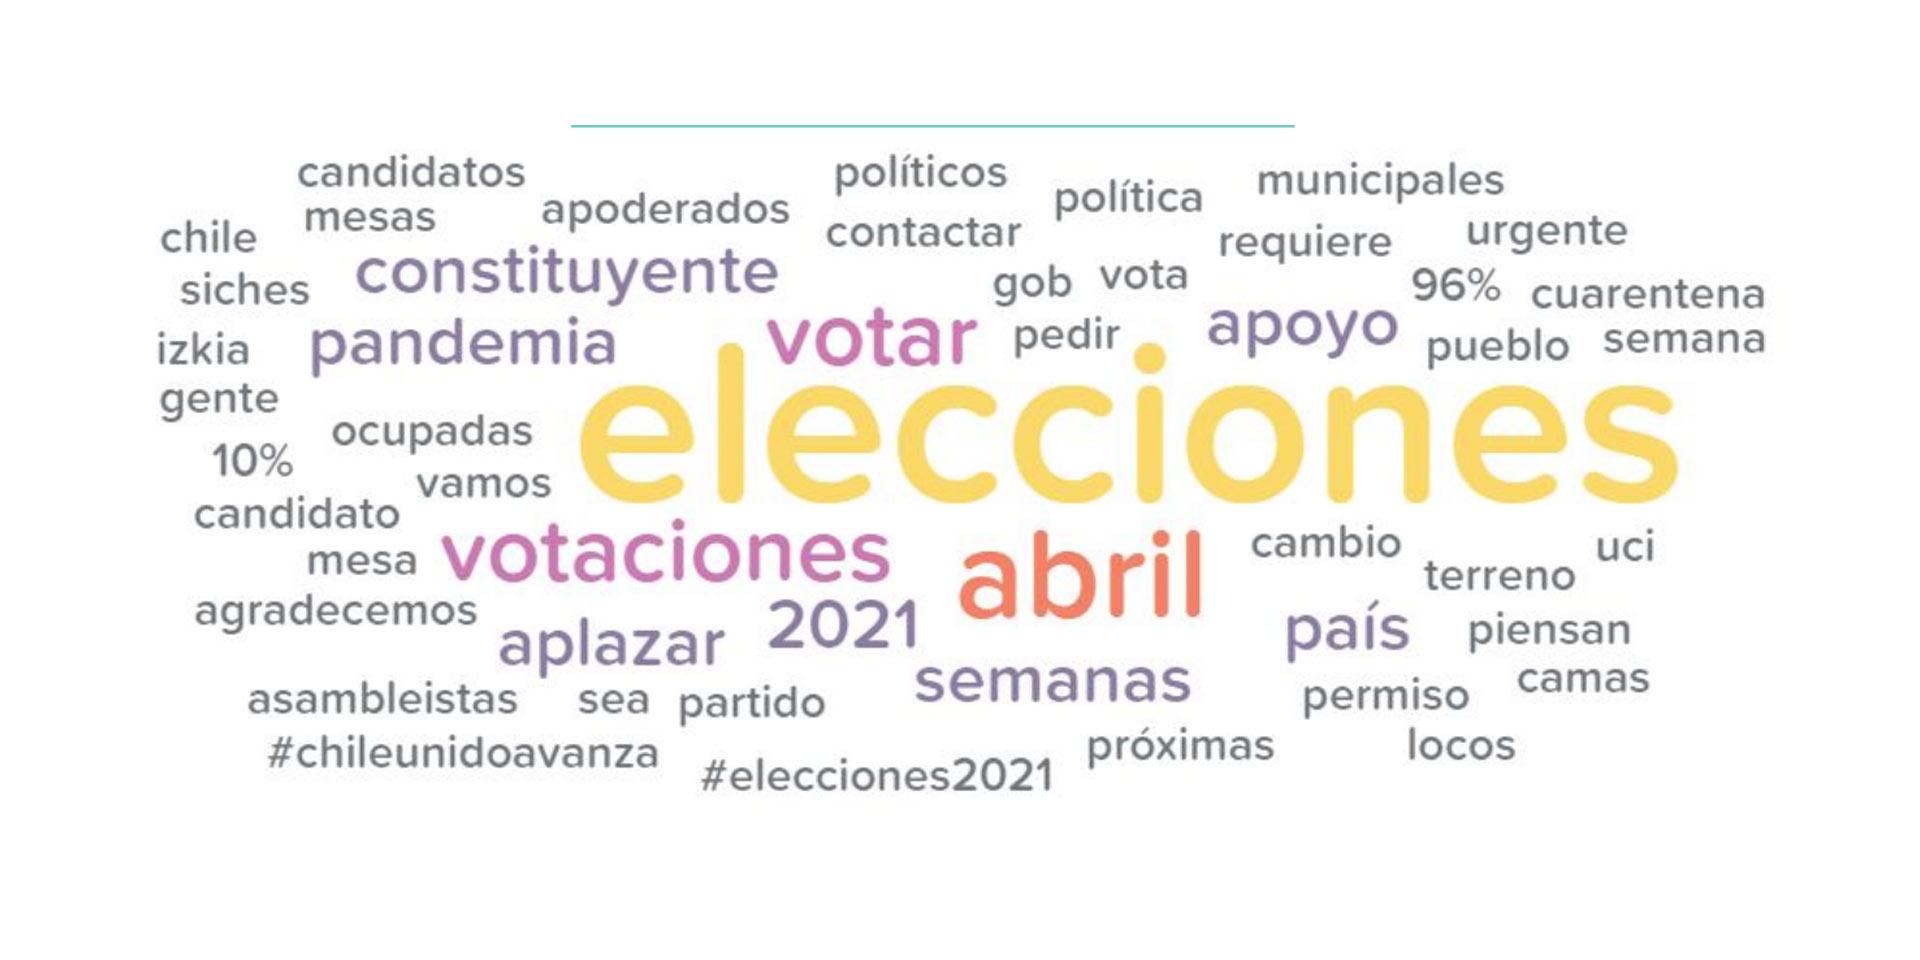 Rompecabeza_twitter elecciones